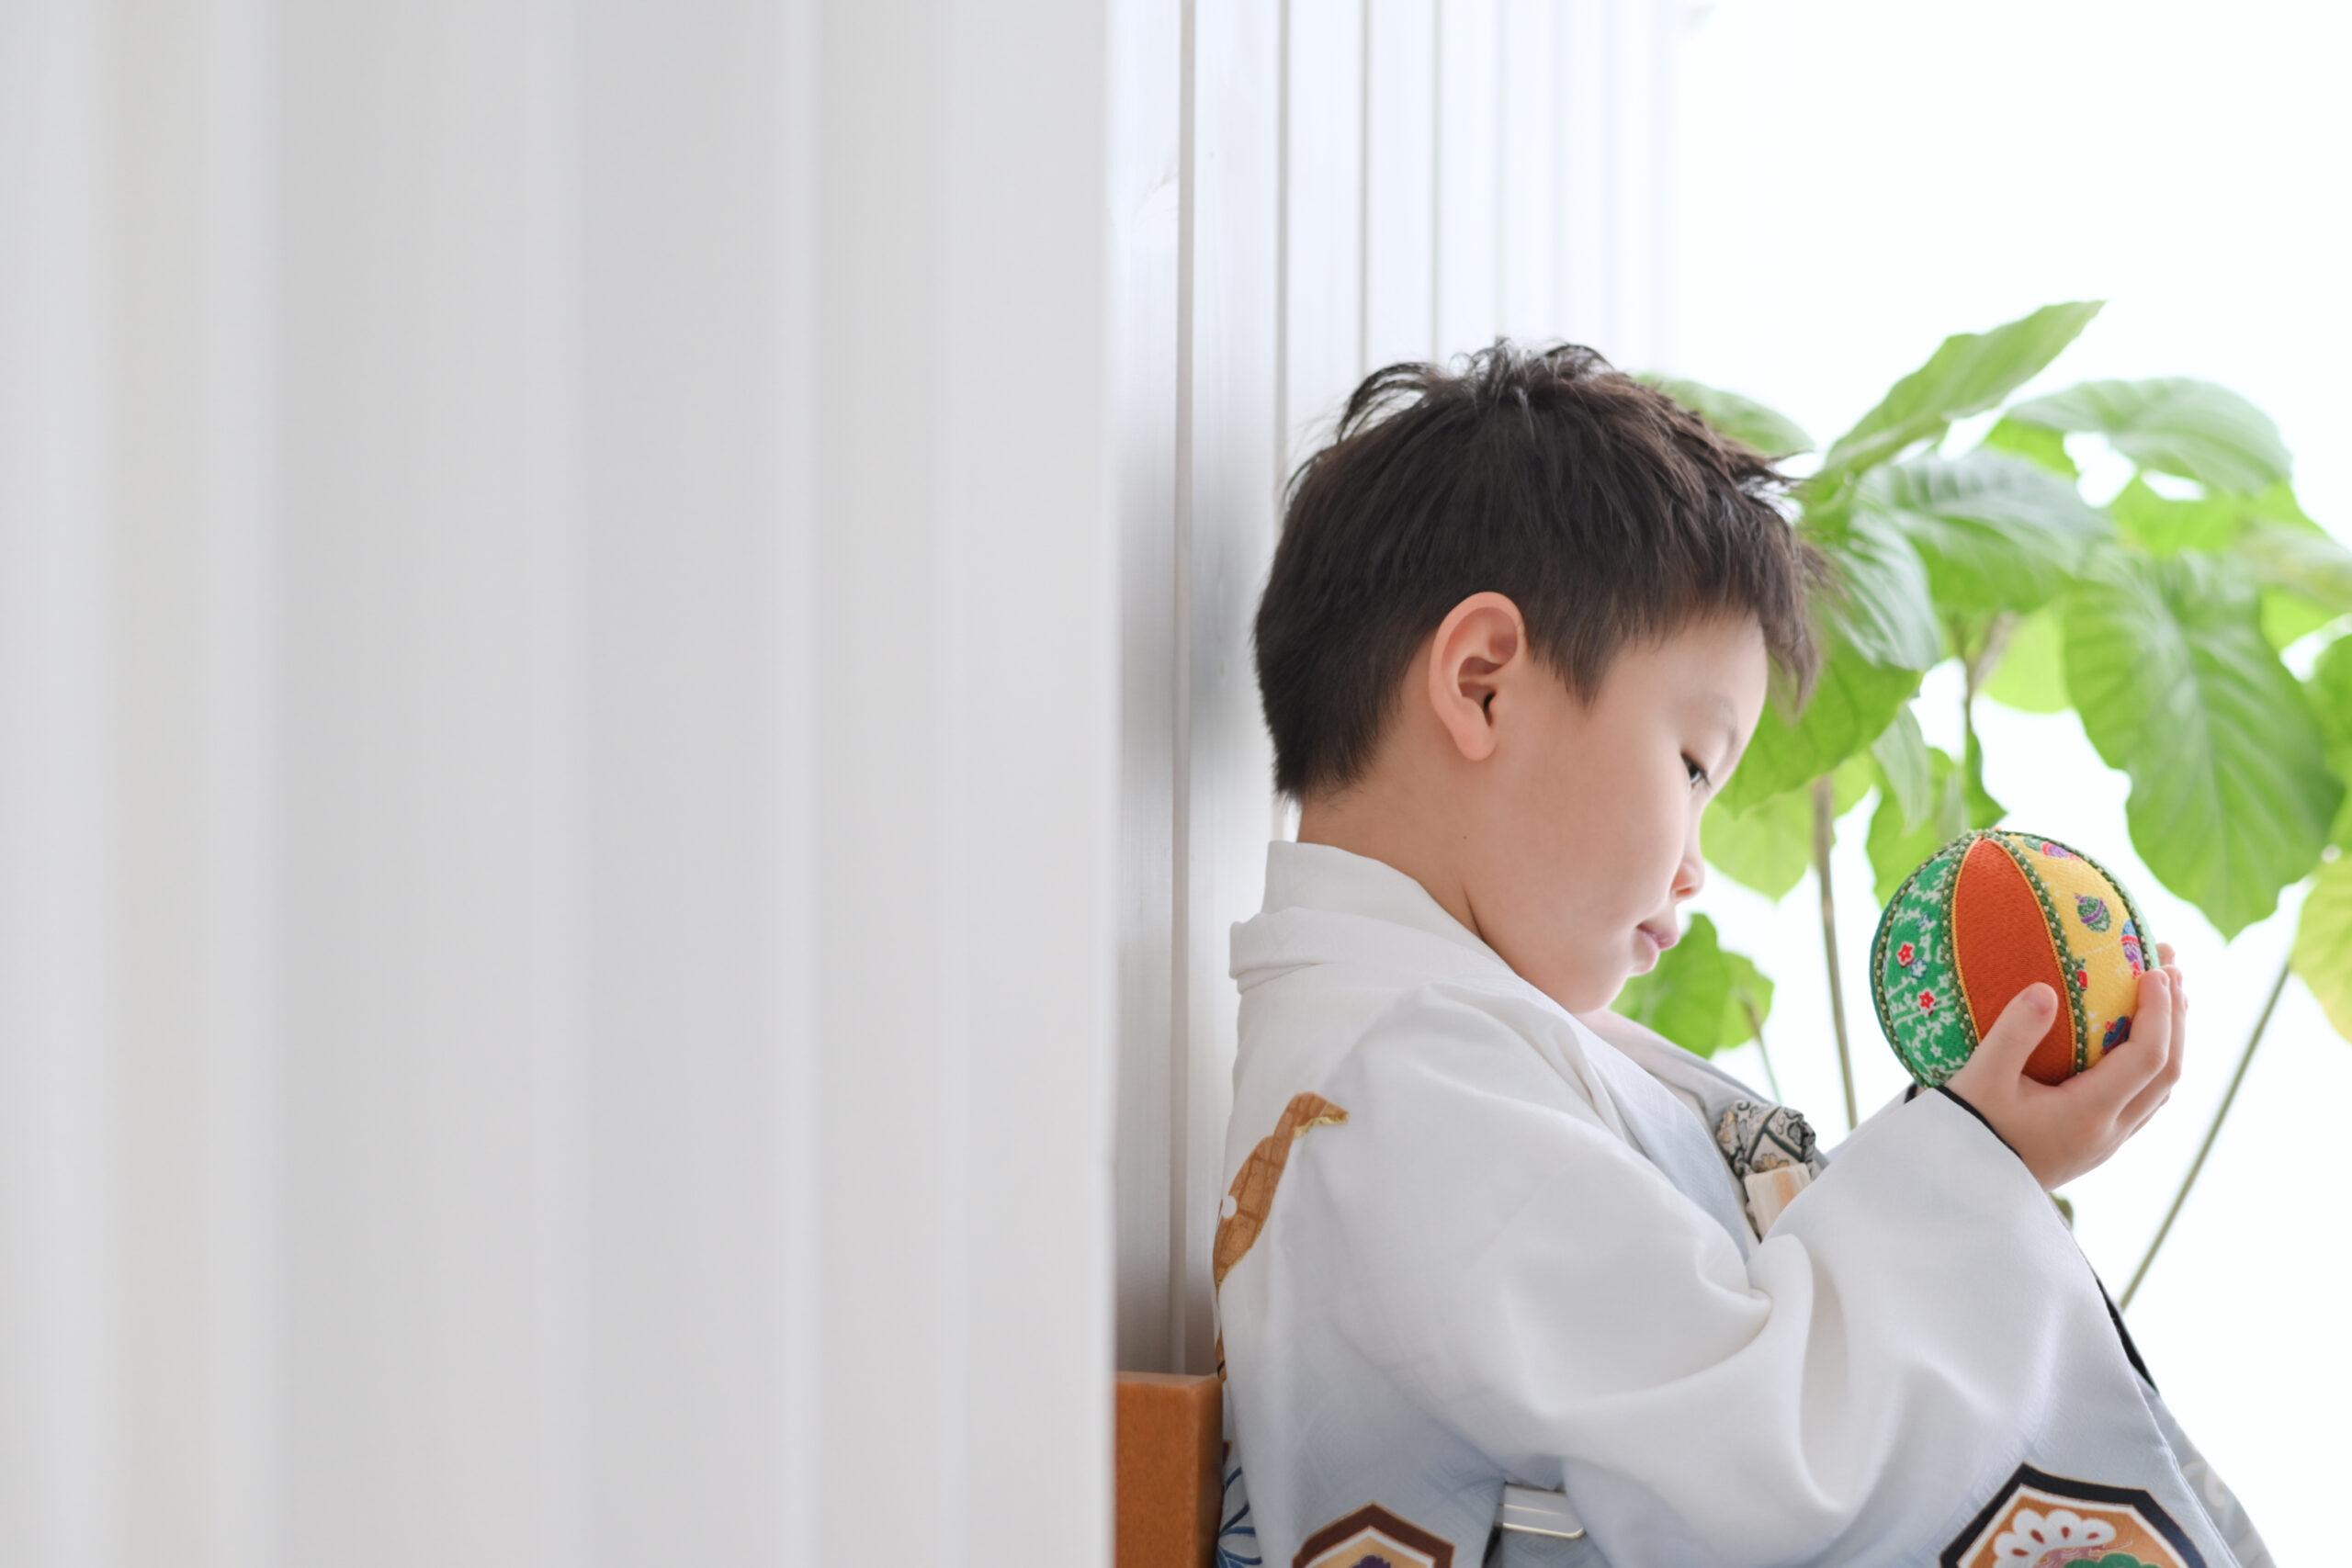 七五三撮影5歳の男の子